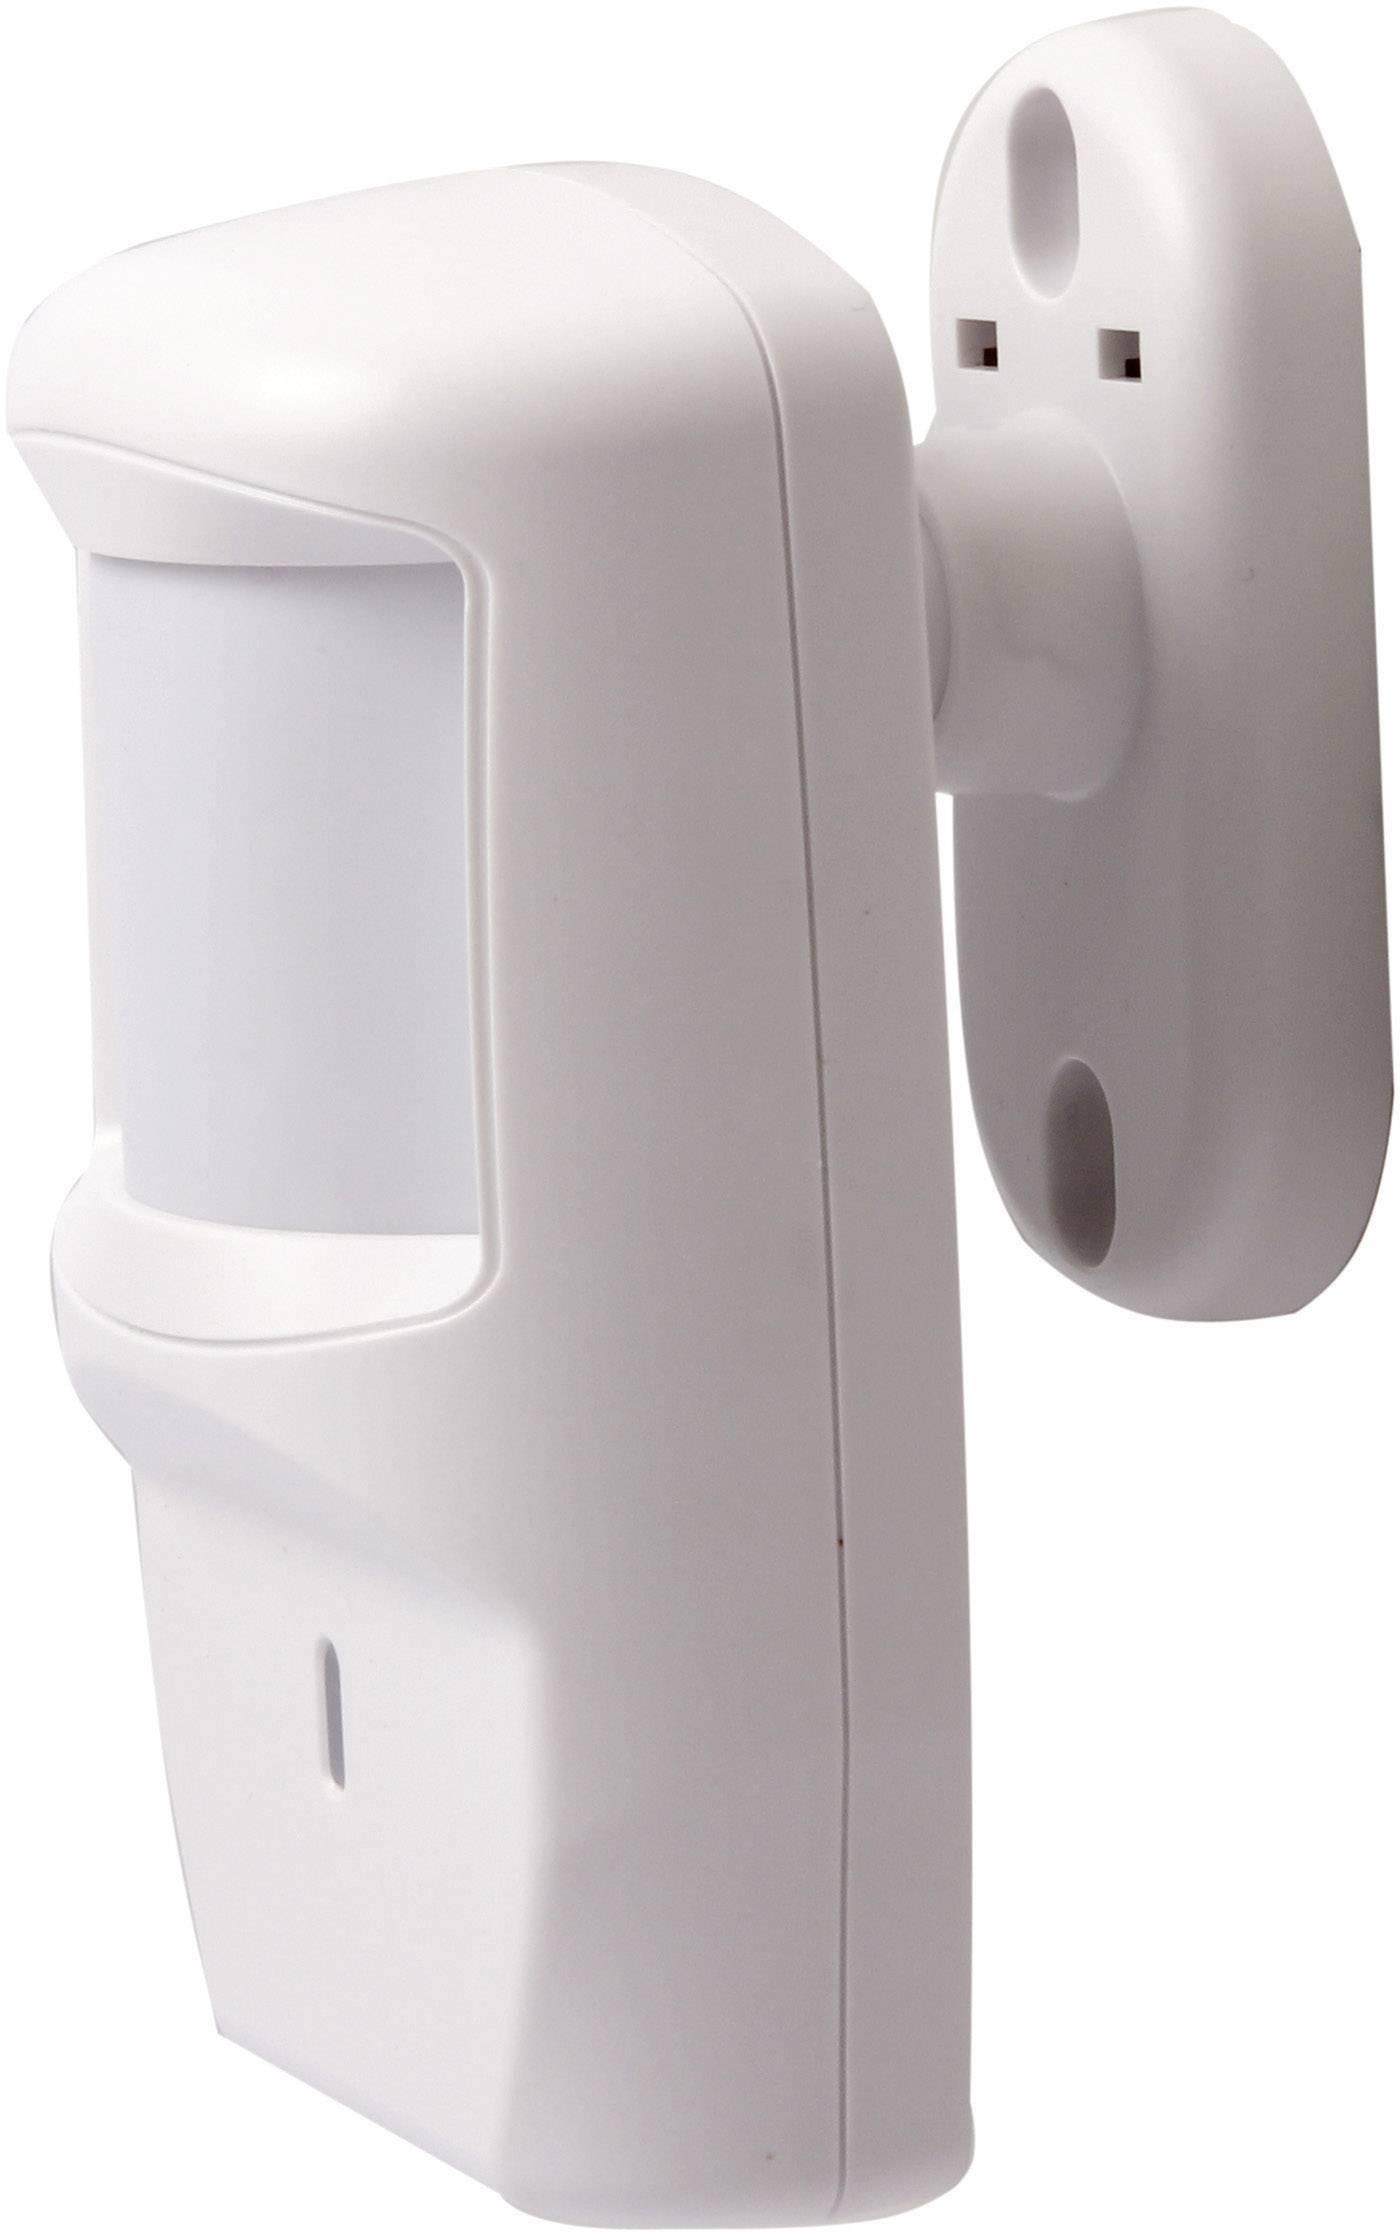 Bezdrôtový PIR senzor Olympia 5911